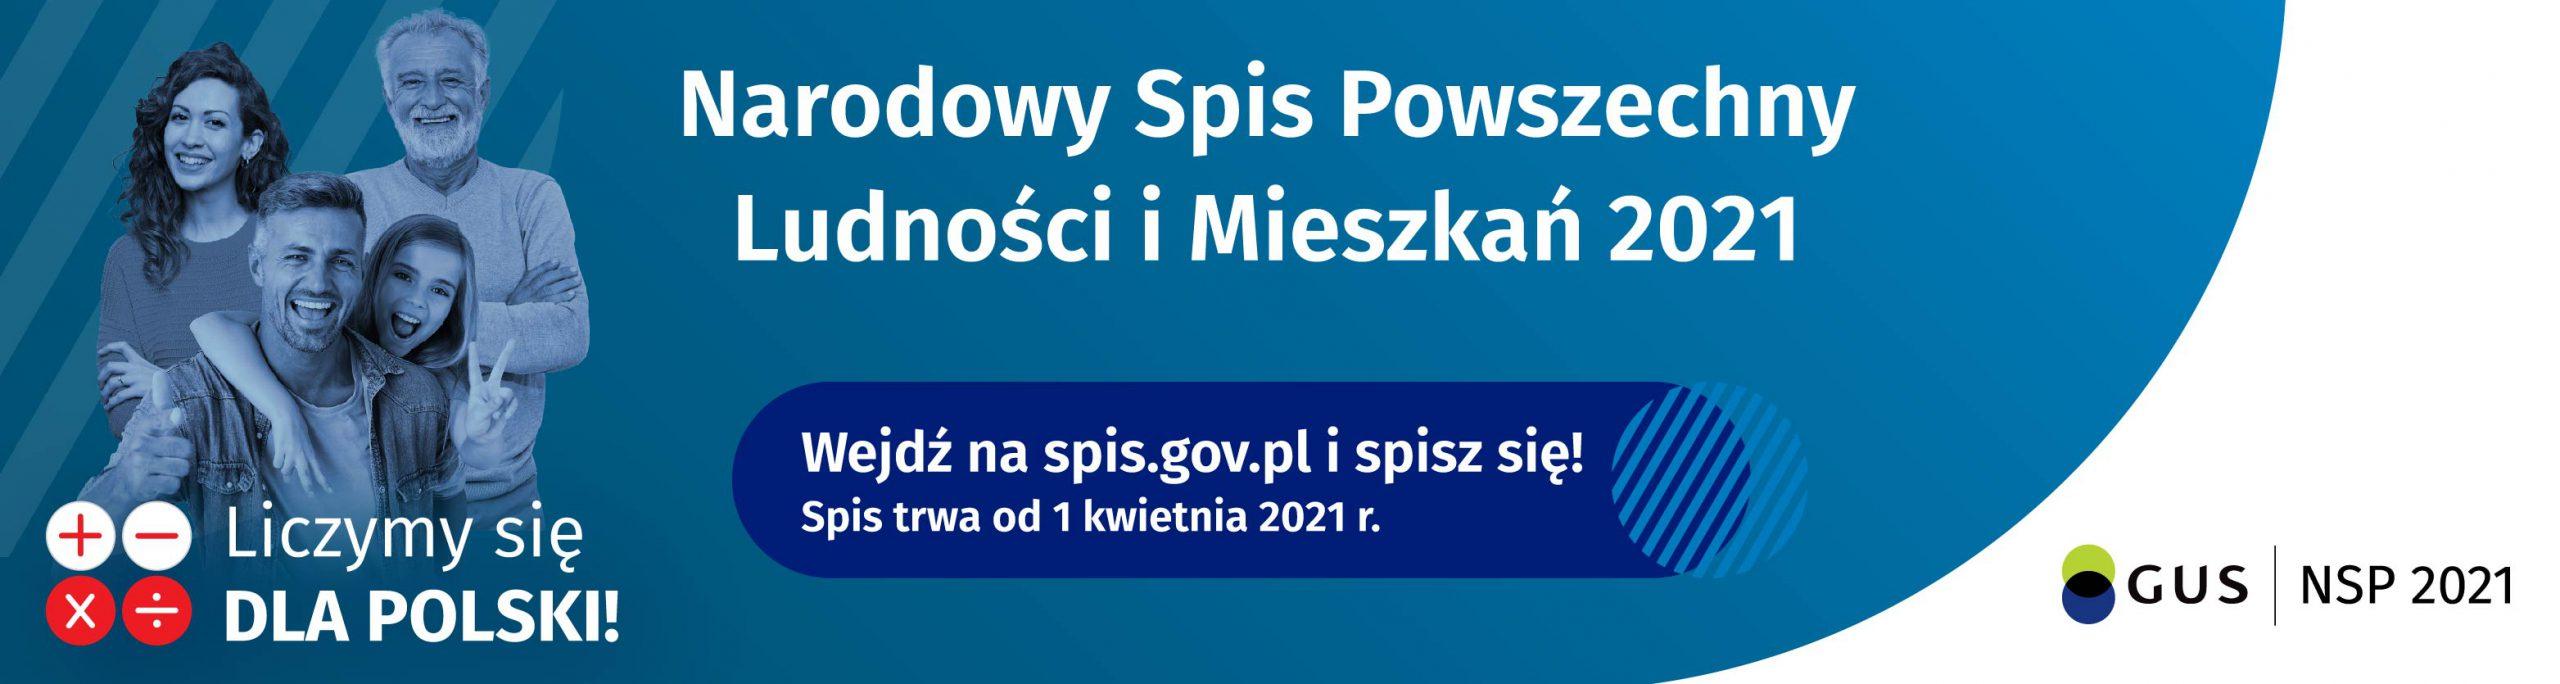 Zapraszamy do udziału w Narodowym Spisie Powszechnym!